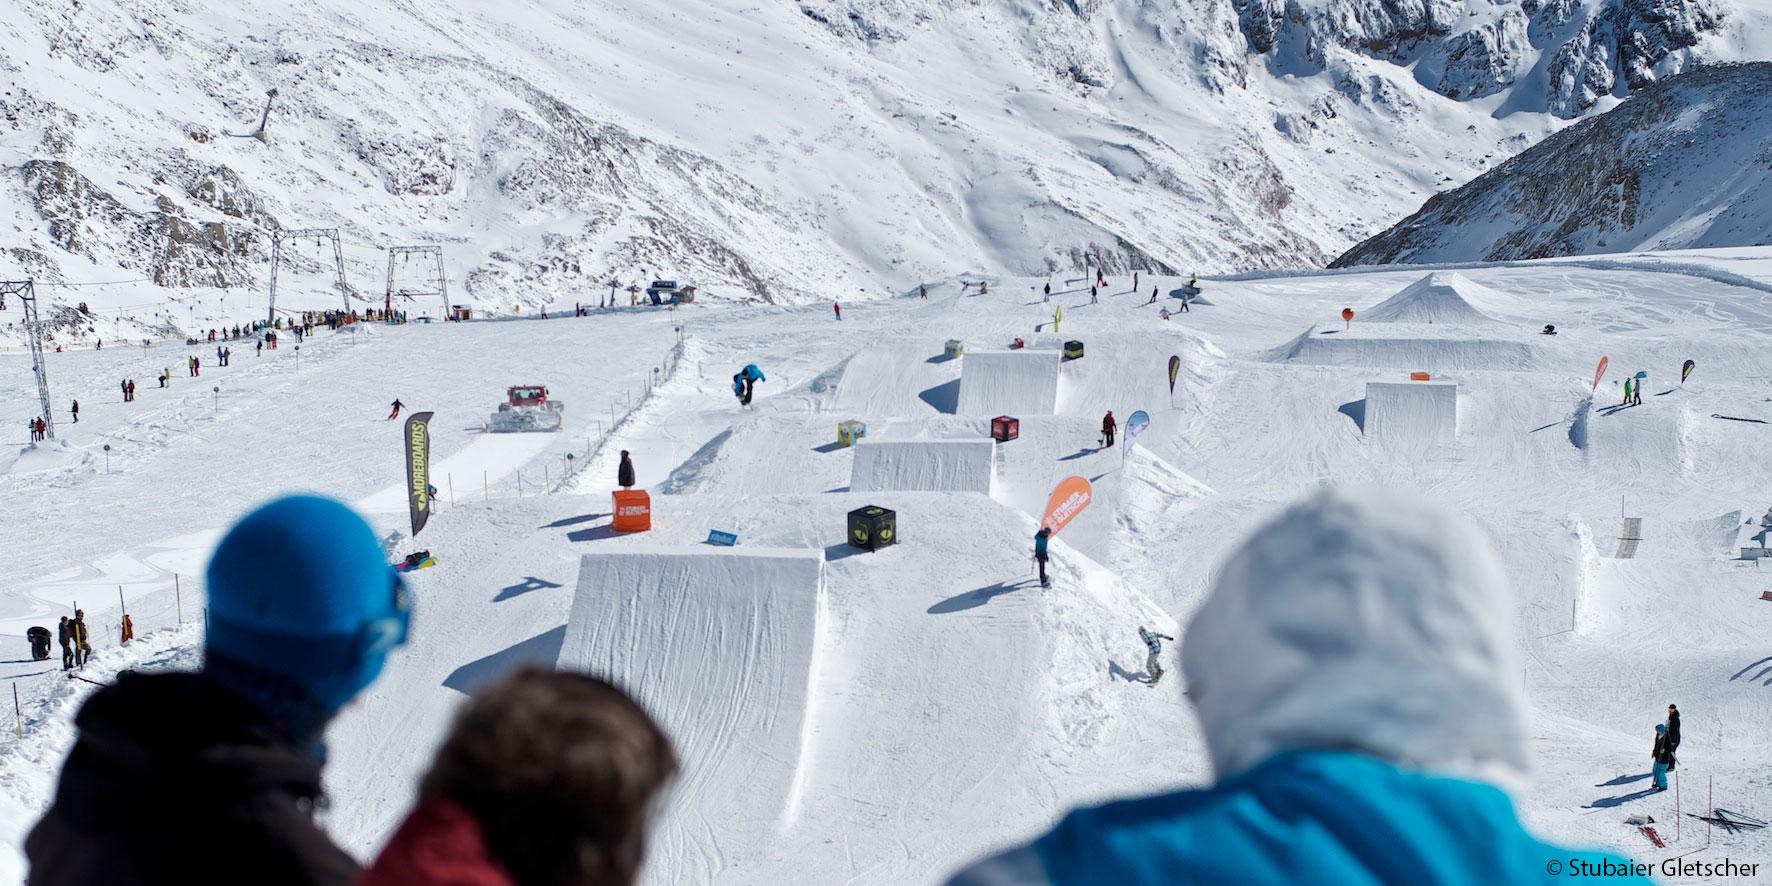 Stubaier-Gletscher-Snowpark